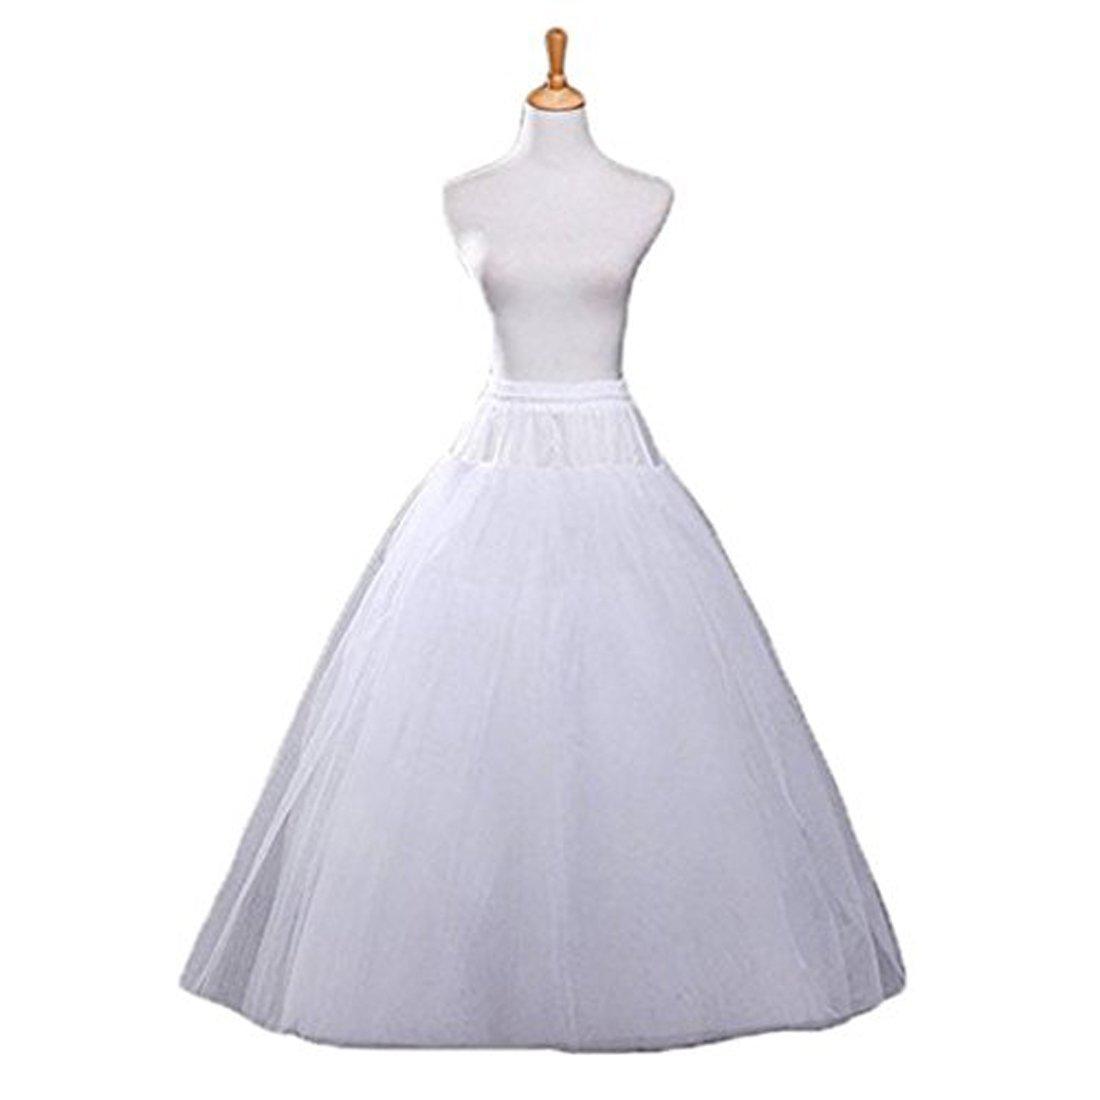 Graceprom Hoopless Petticoat Crinoline Ball Gown Underskirt Slips For Wedding Dress